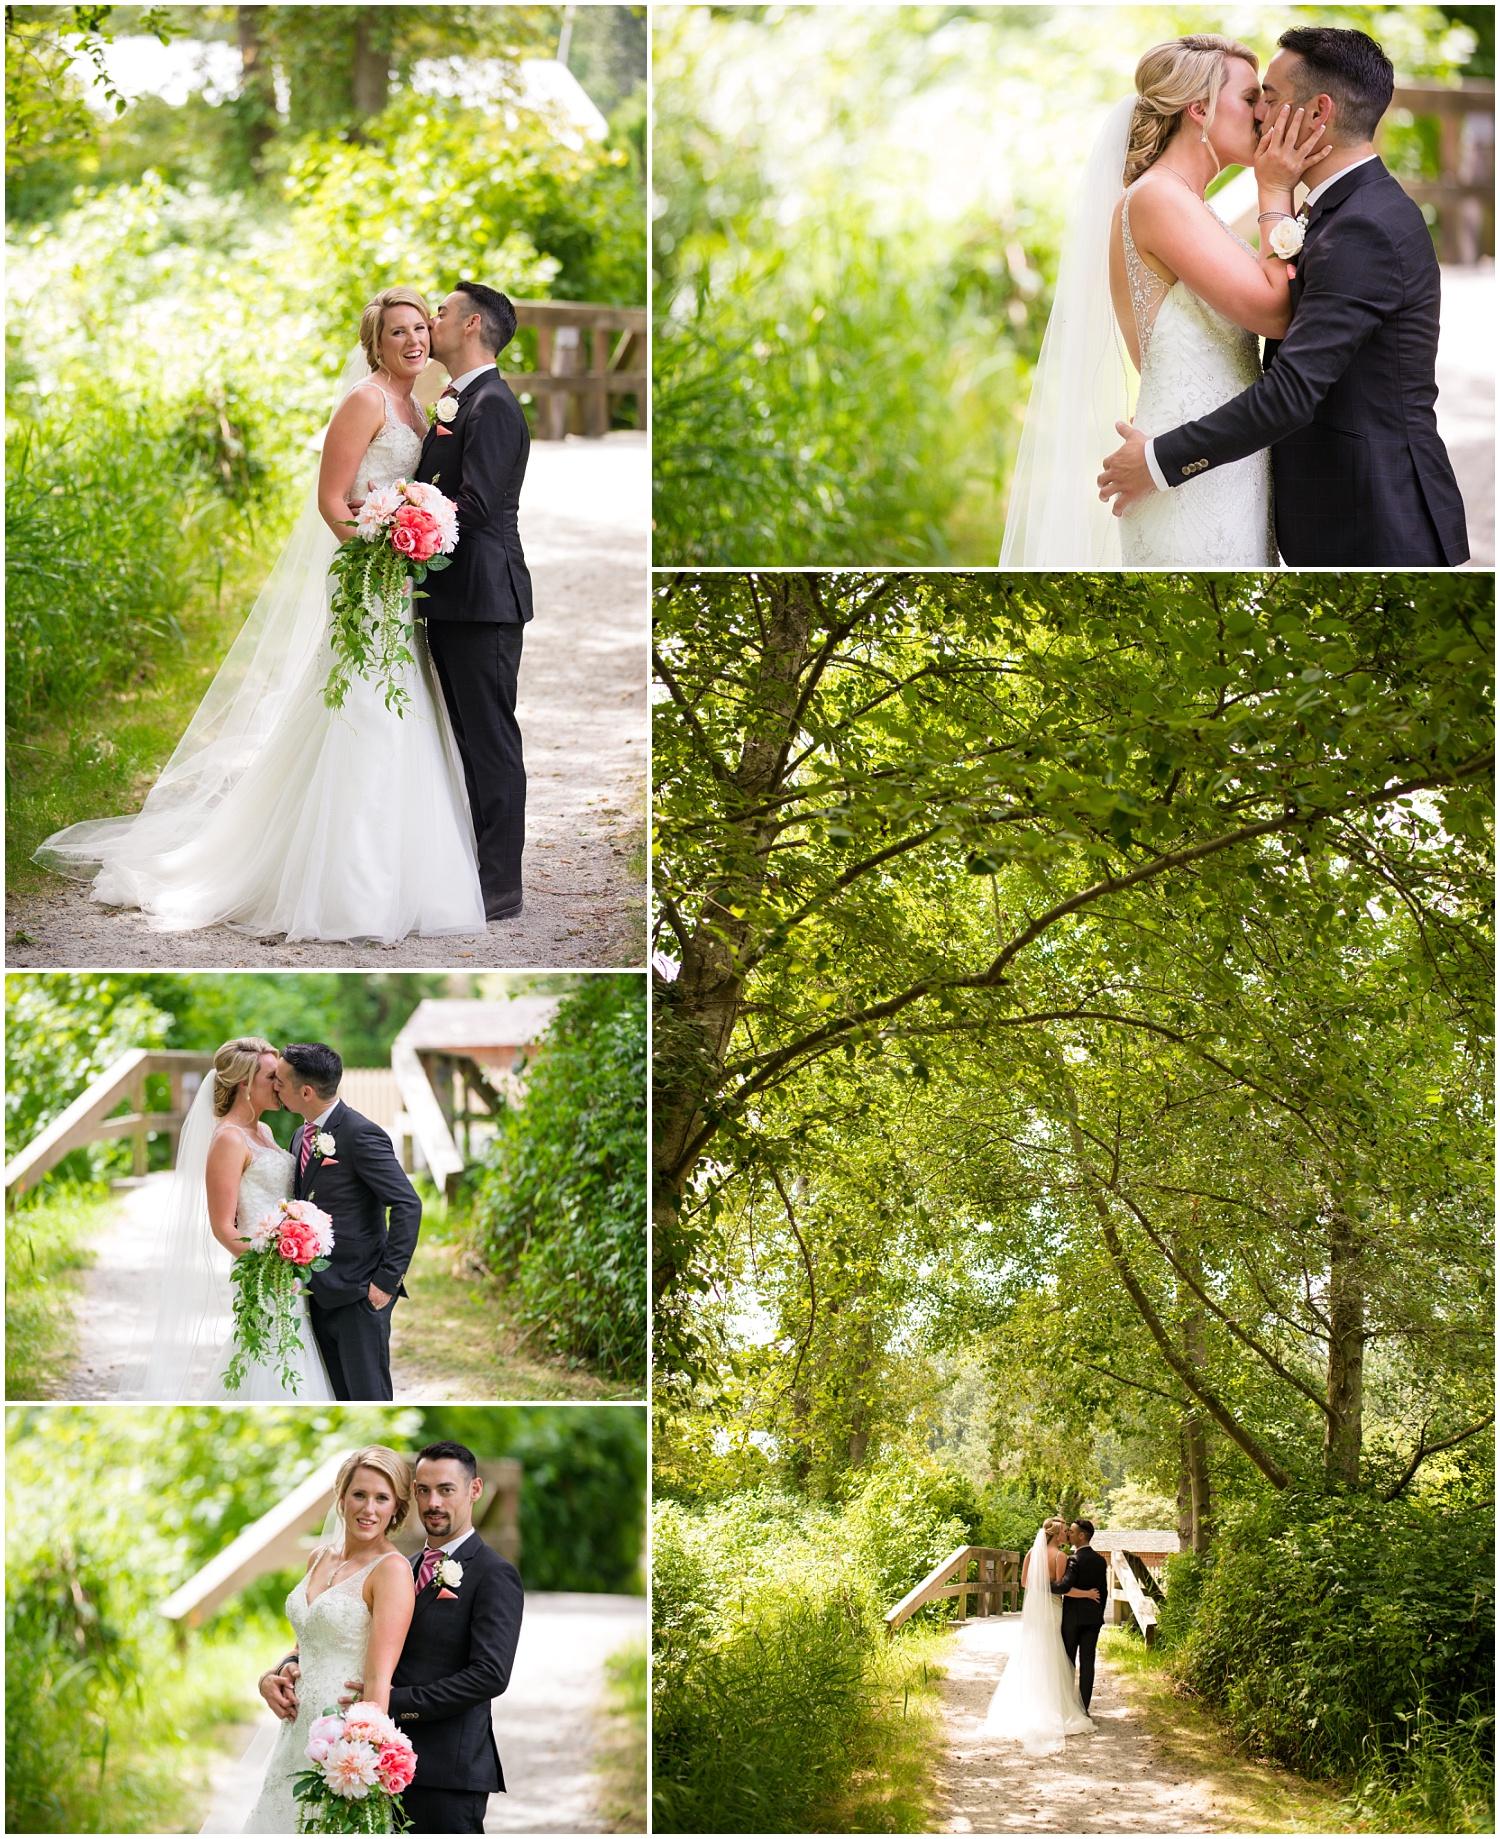 Amazing Day Photography - South Bonson Wedding - Pitt Meadows Wedding - Langley Wedding Photography (17).jpg